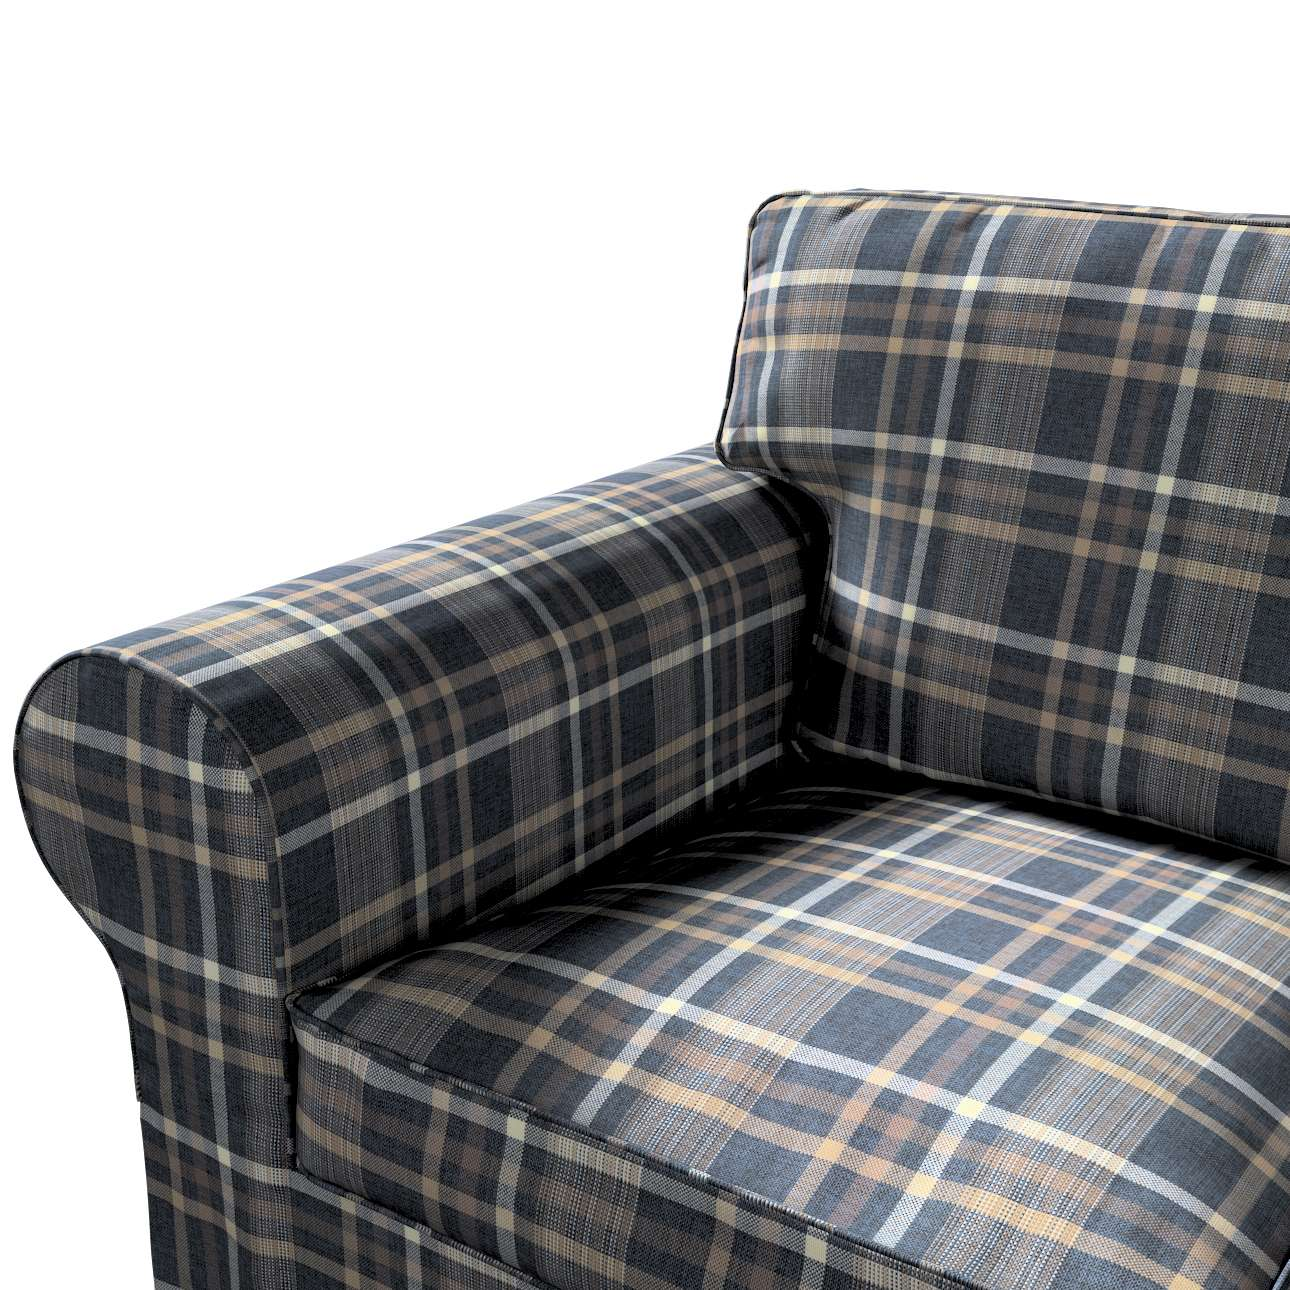 Pokrowiec na sofę Ektorp 3-osobową, rozkładaną, PIXBO w kolekcji Edinburgh, tkanina: 703-16